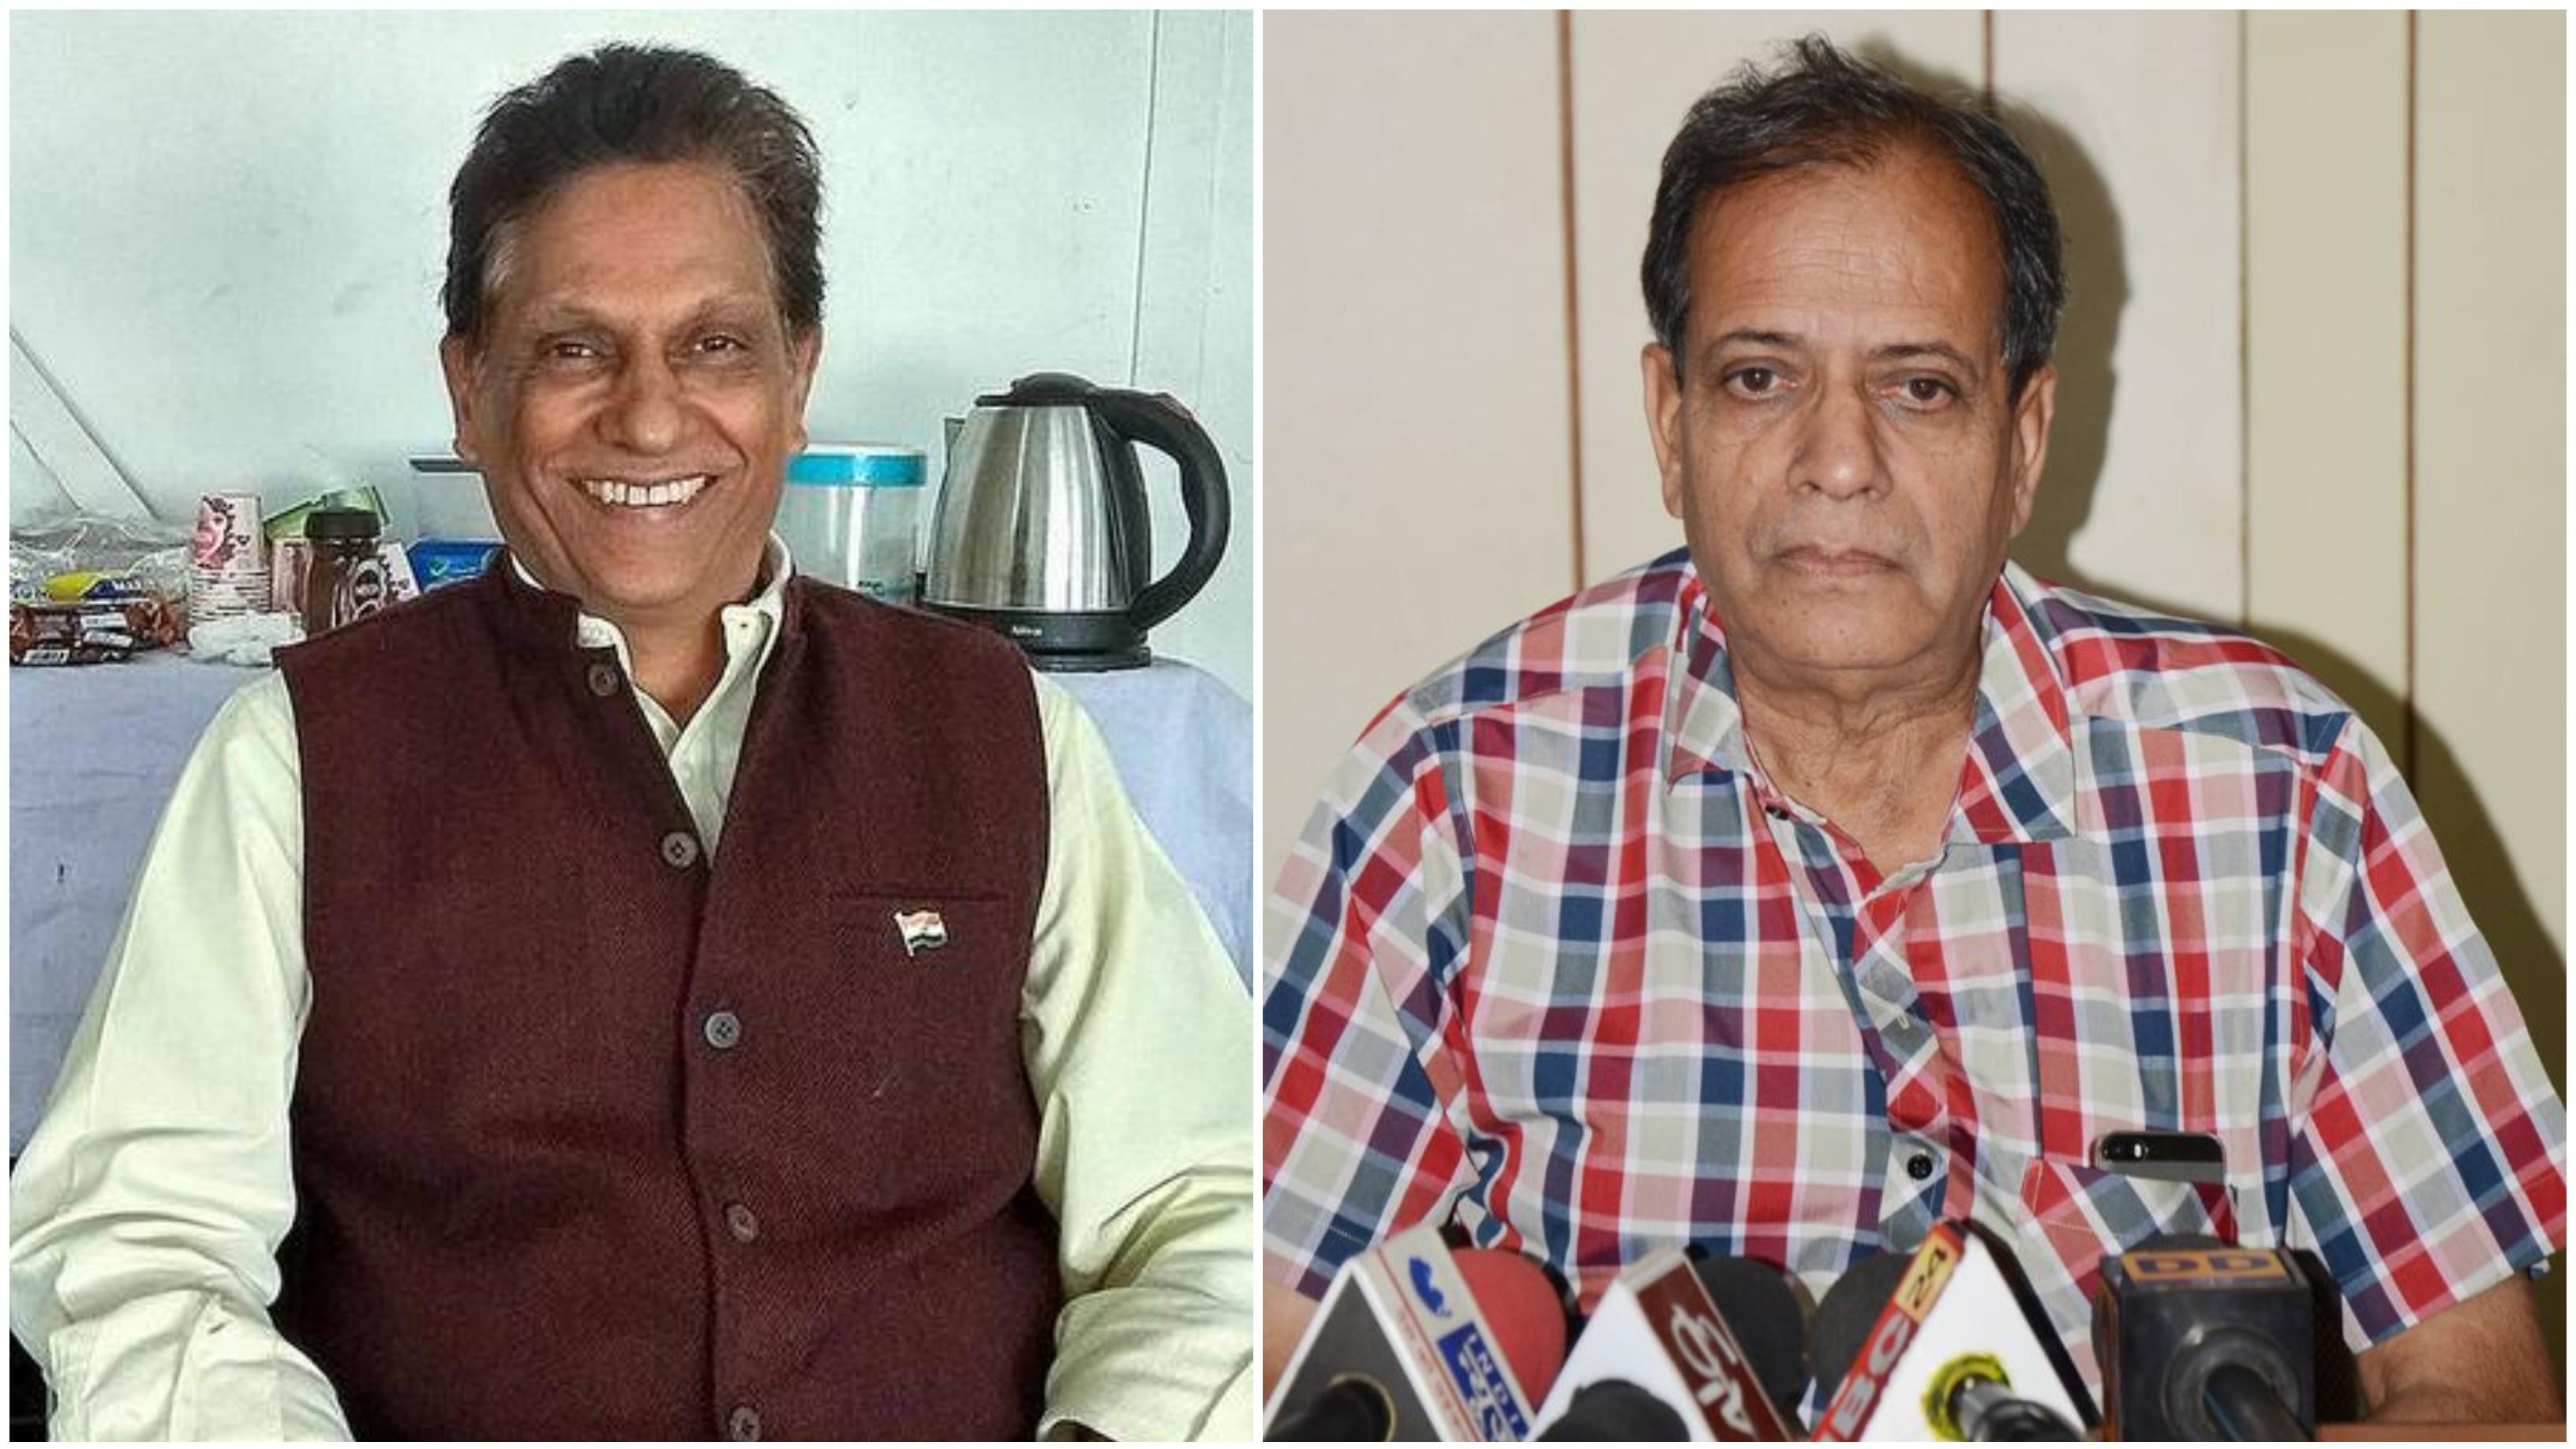 राजिंदर अमरनाथ और सुशील दोषी ने हिंदी प्रधानता की टिप्पणी के बाद मांगी माफी